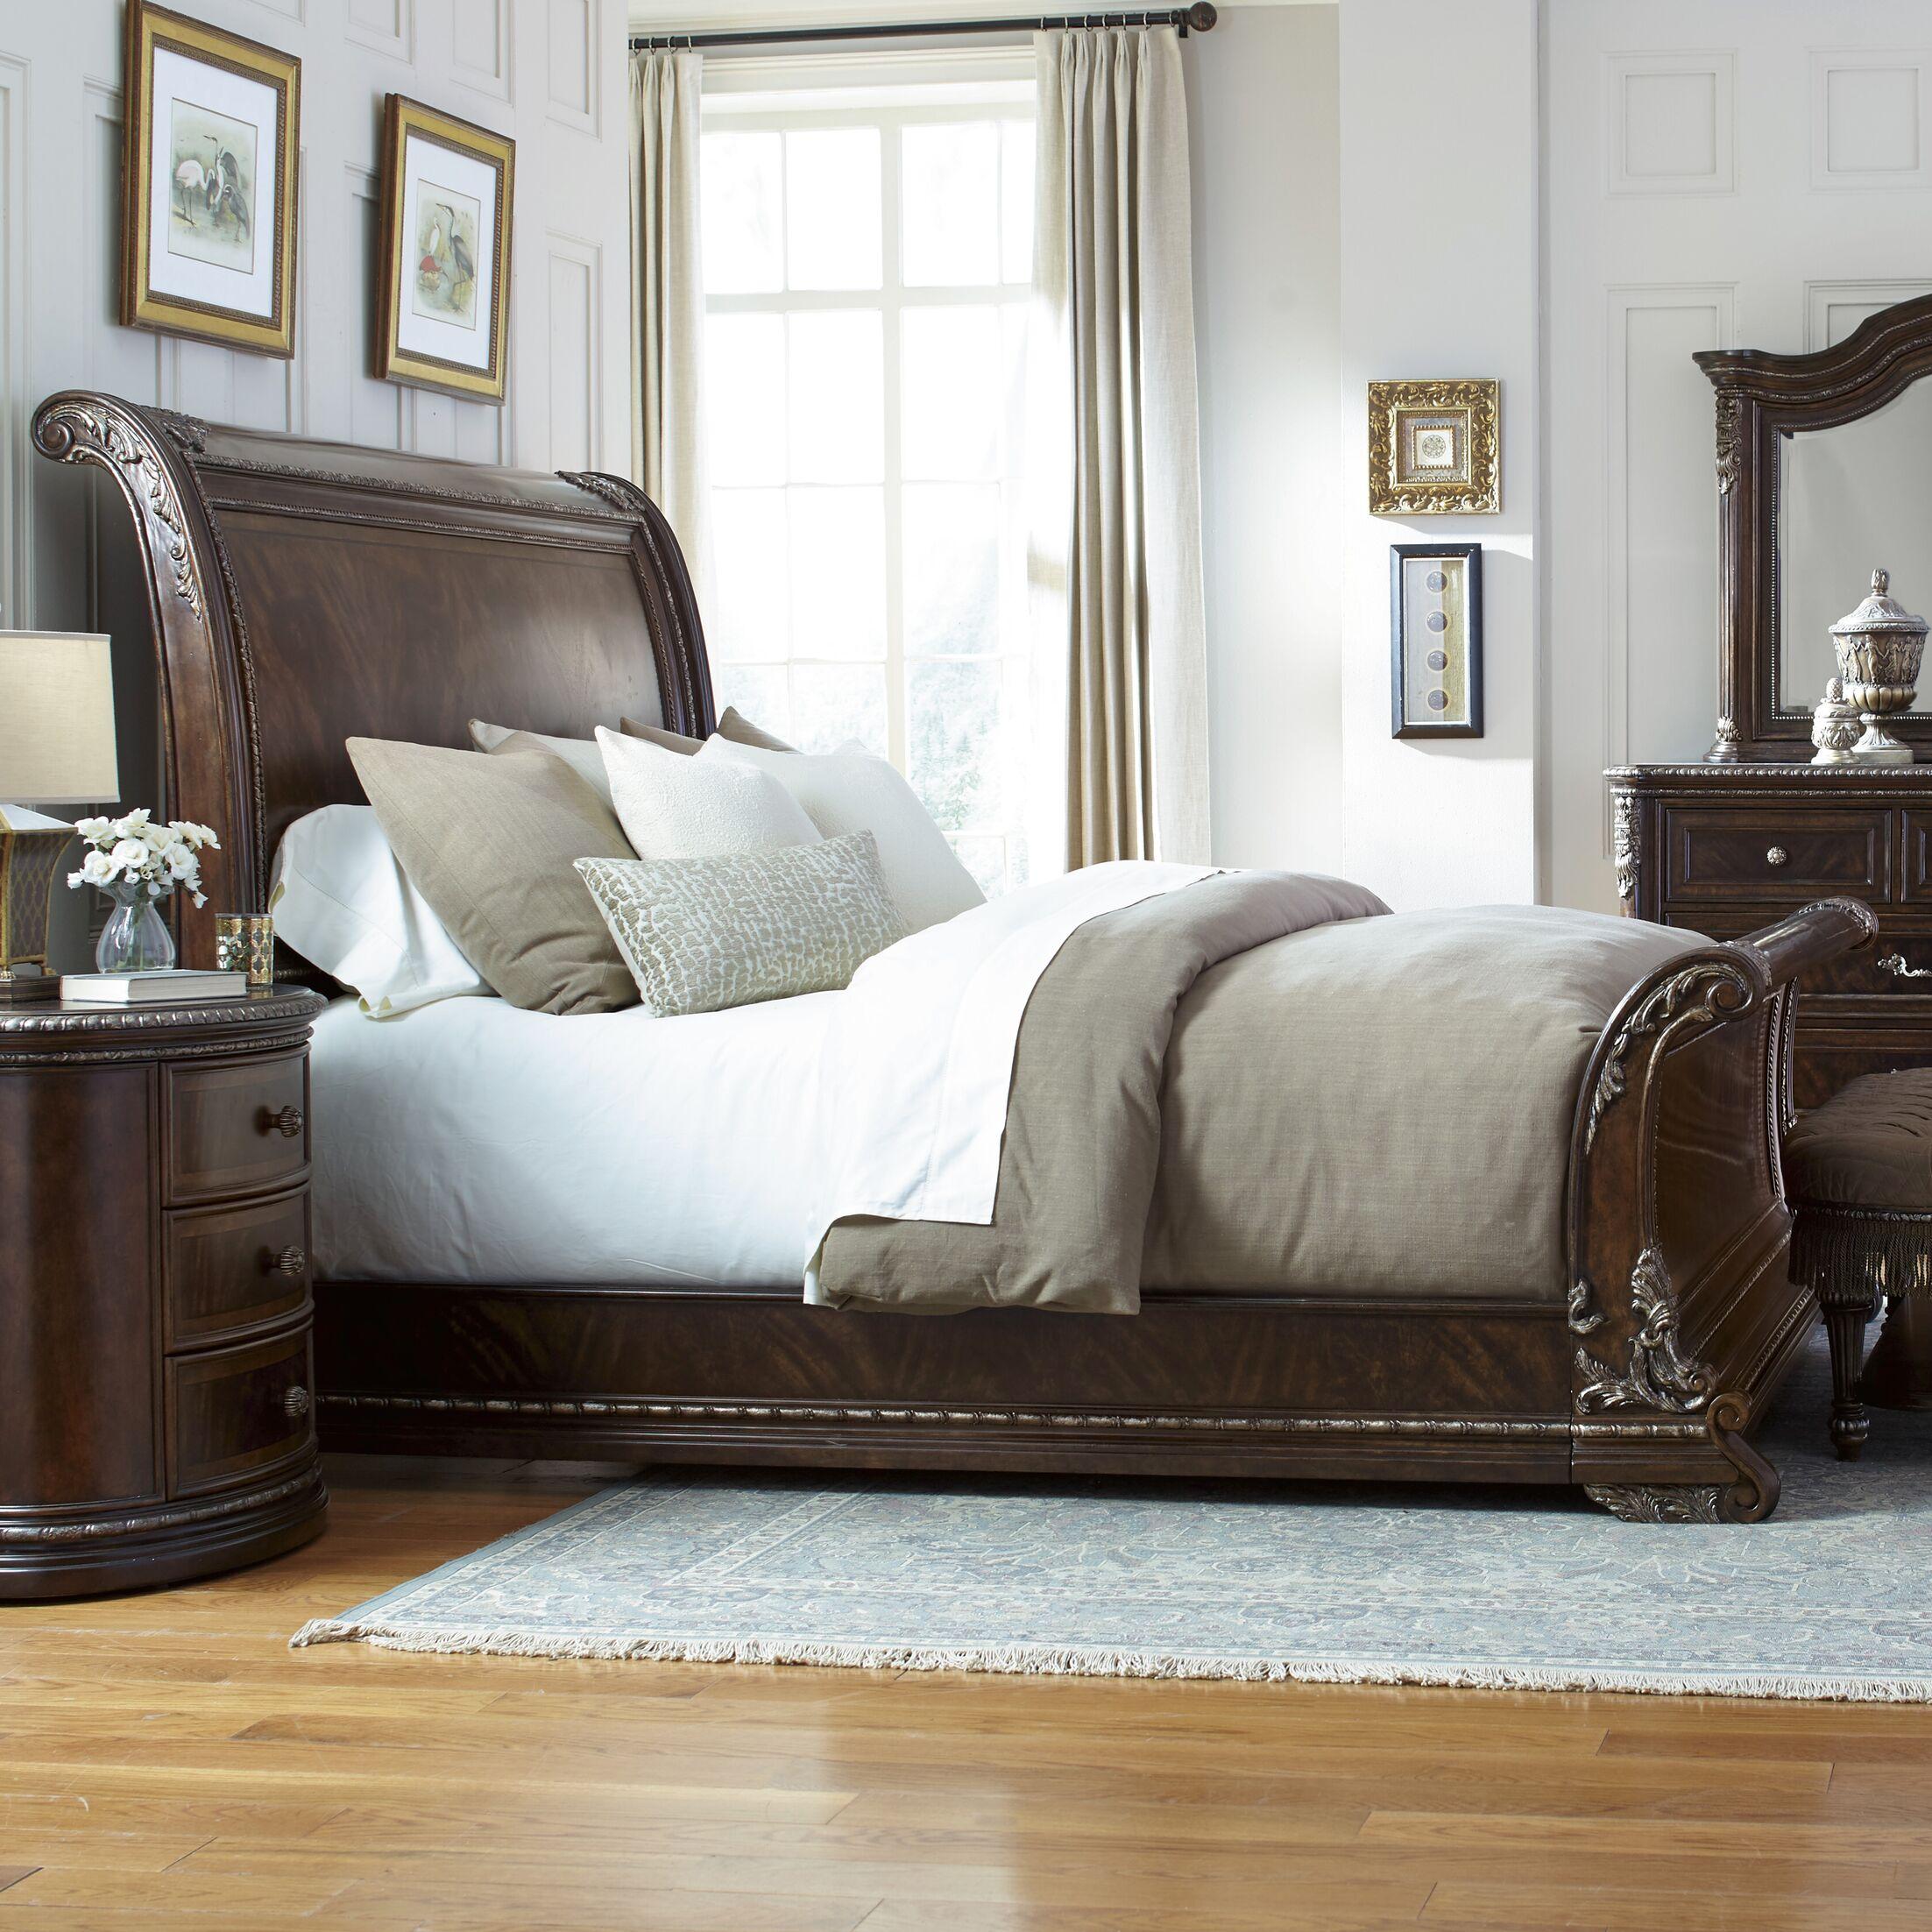 Hepburn Sleigh Bed Size: Queen